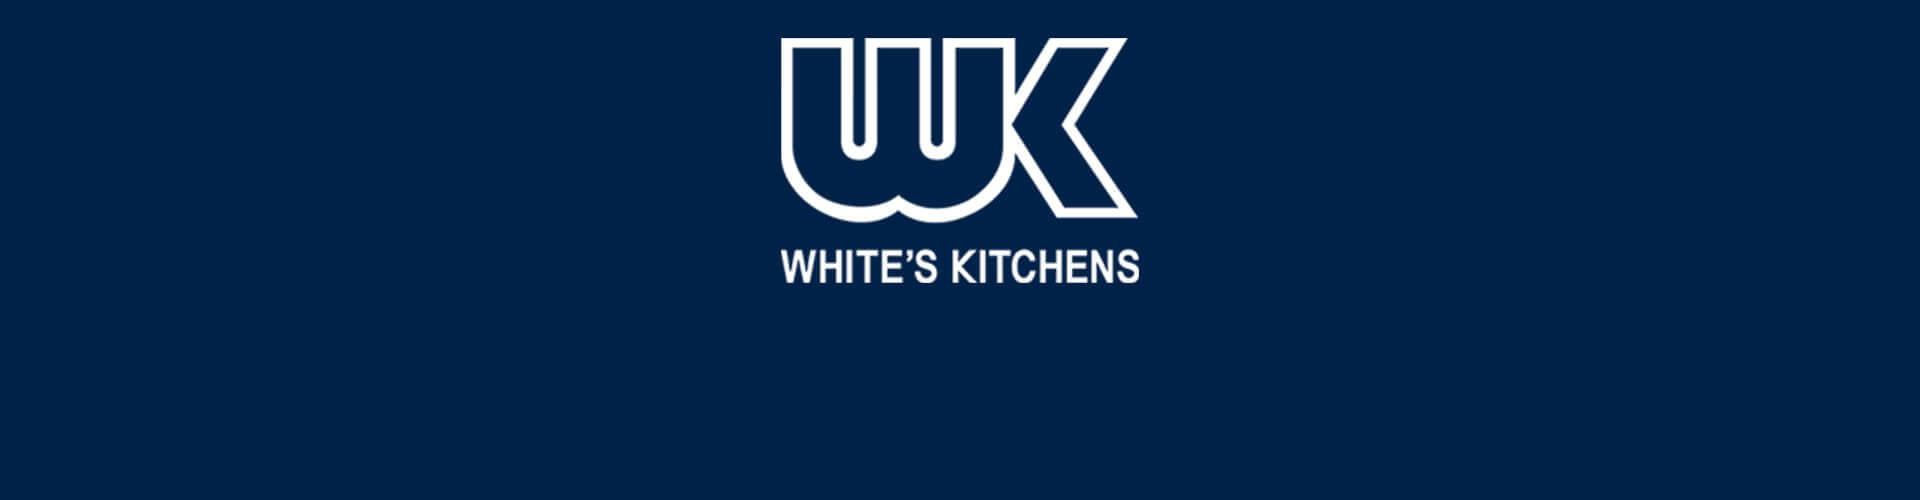 Whites-Kitchens